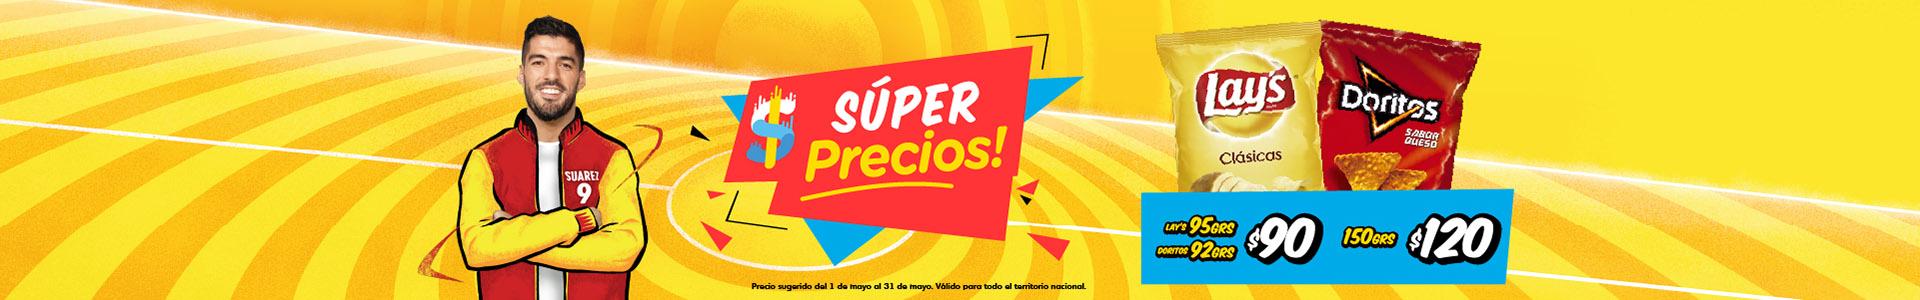 Promo Pepsico - Lays